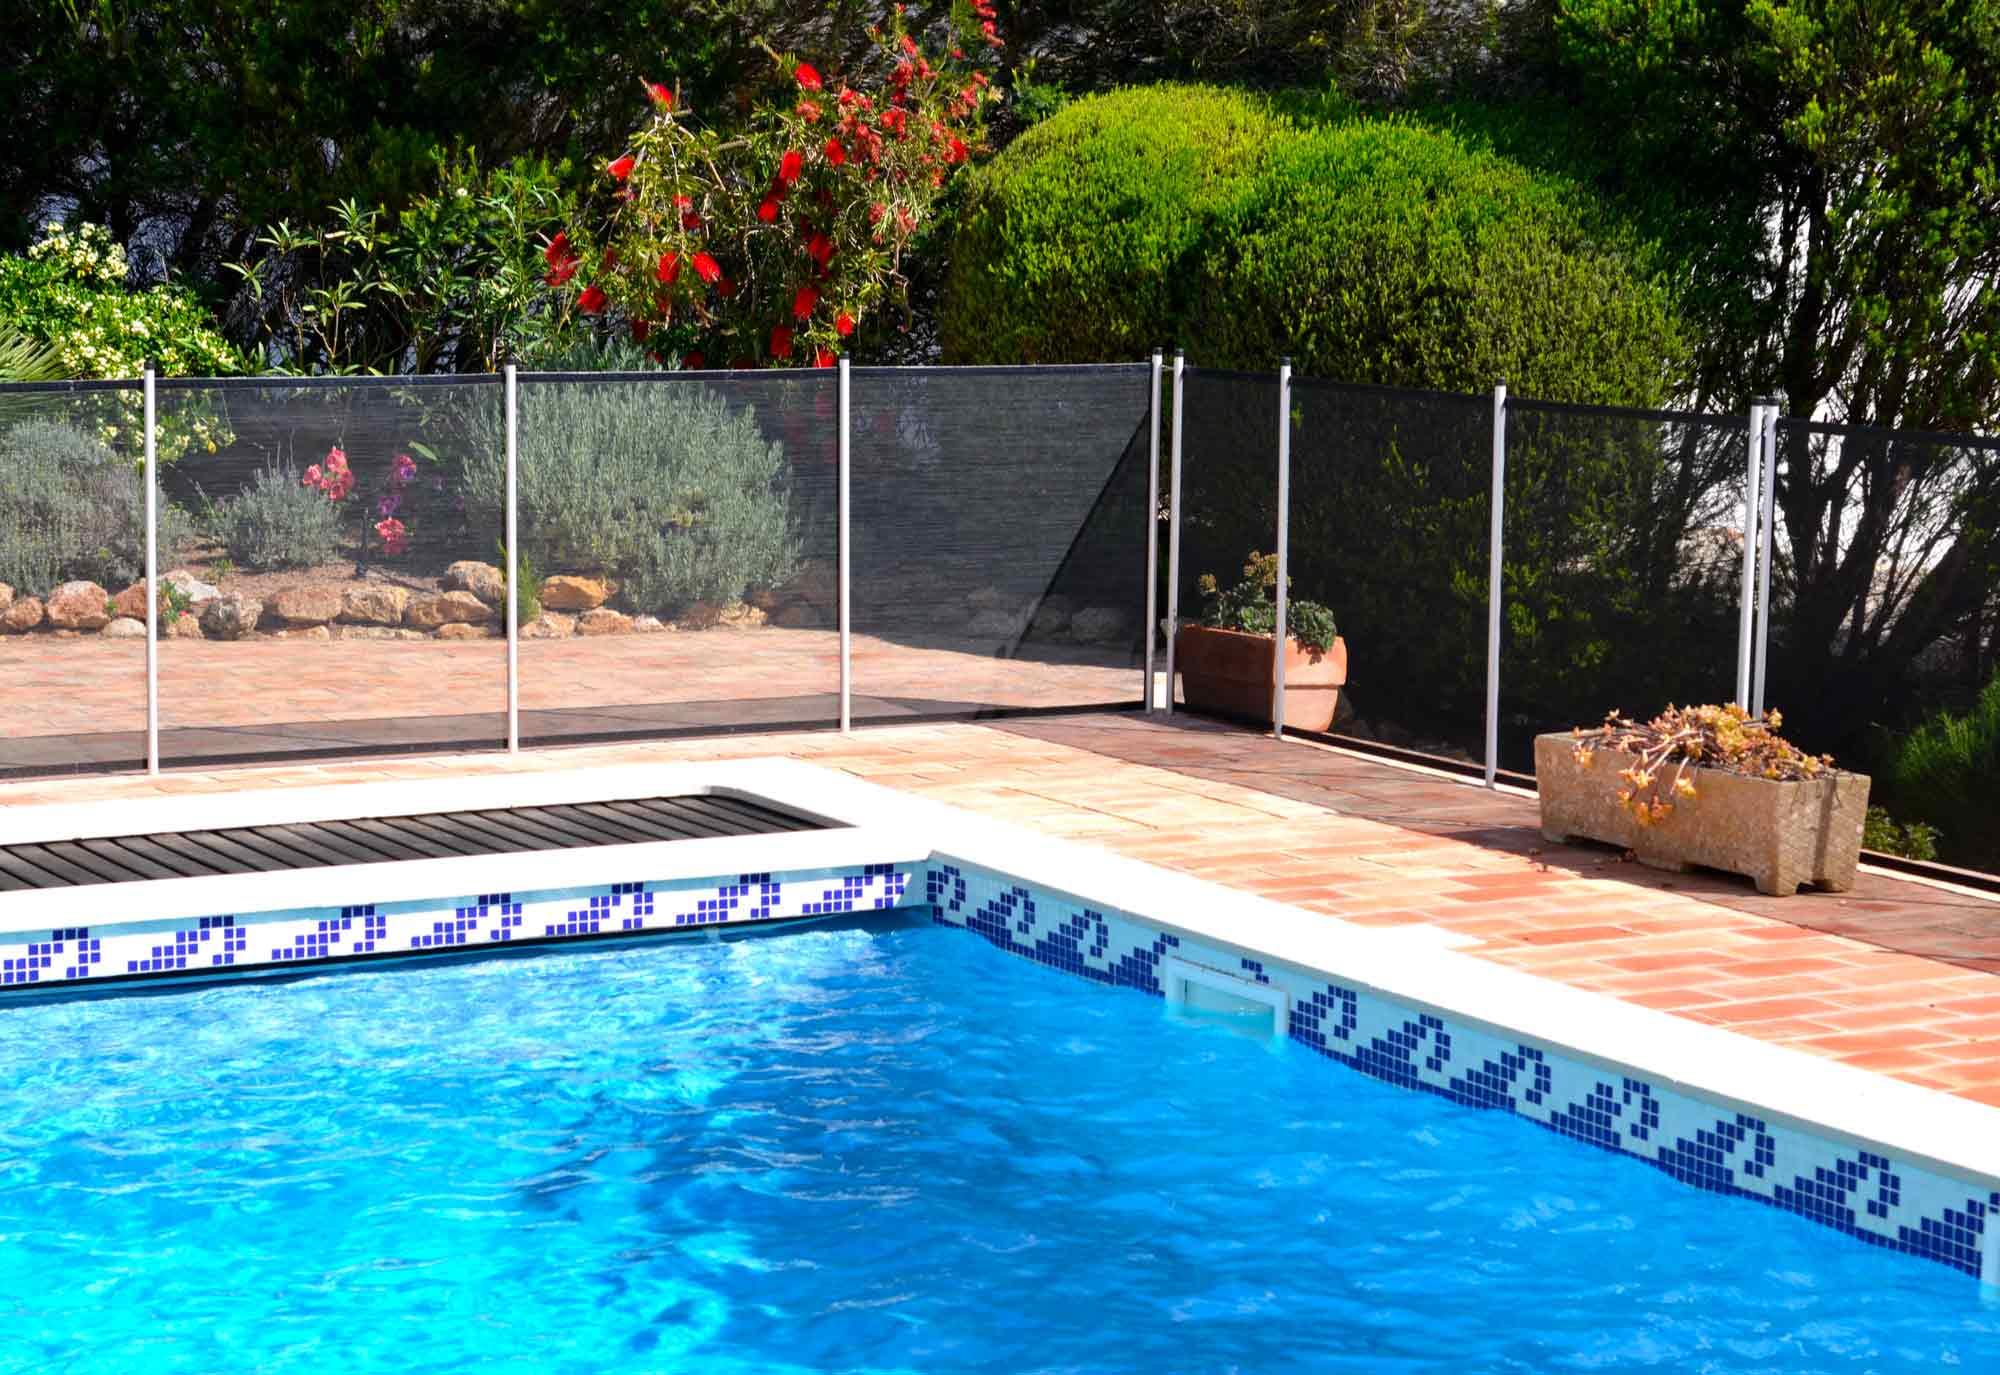 C'est le moment de penser à sécuriser sa piscine !